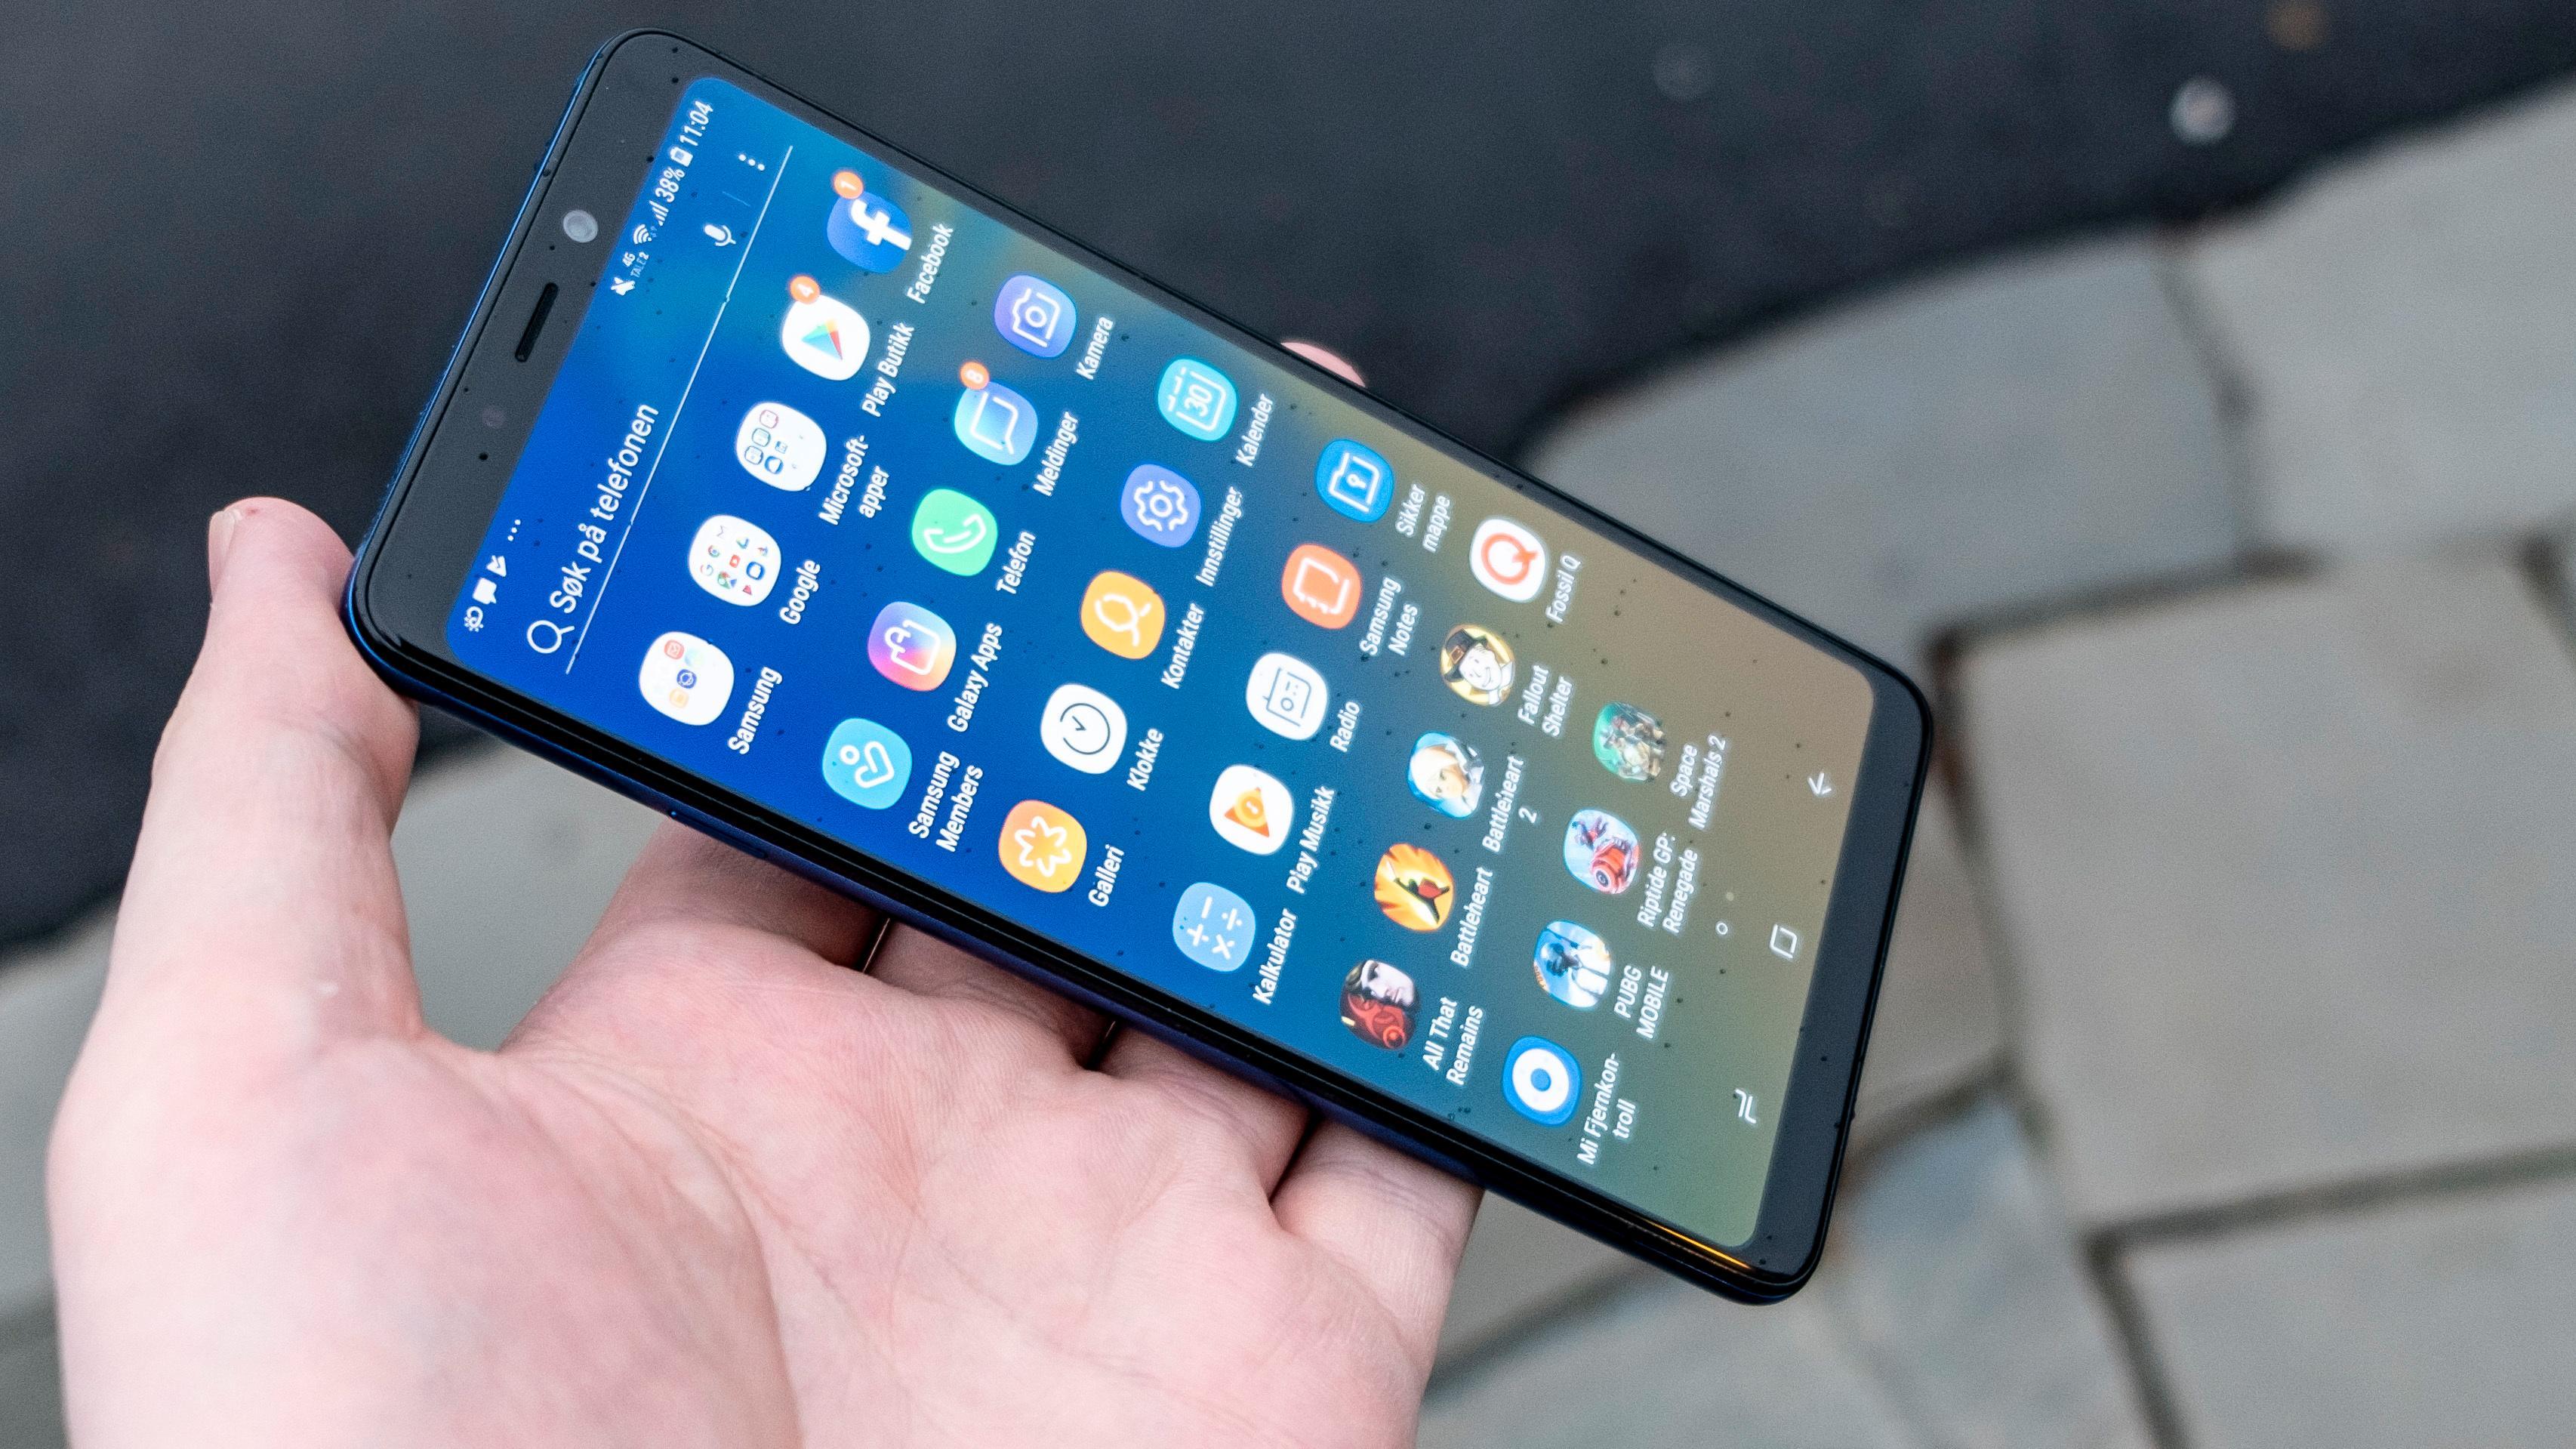 Samsung-menyene er kjappe nok, og ikke like overlesset i forhåndsinstallerte apper som de pleide å være.